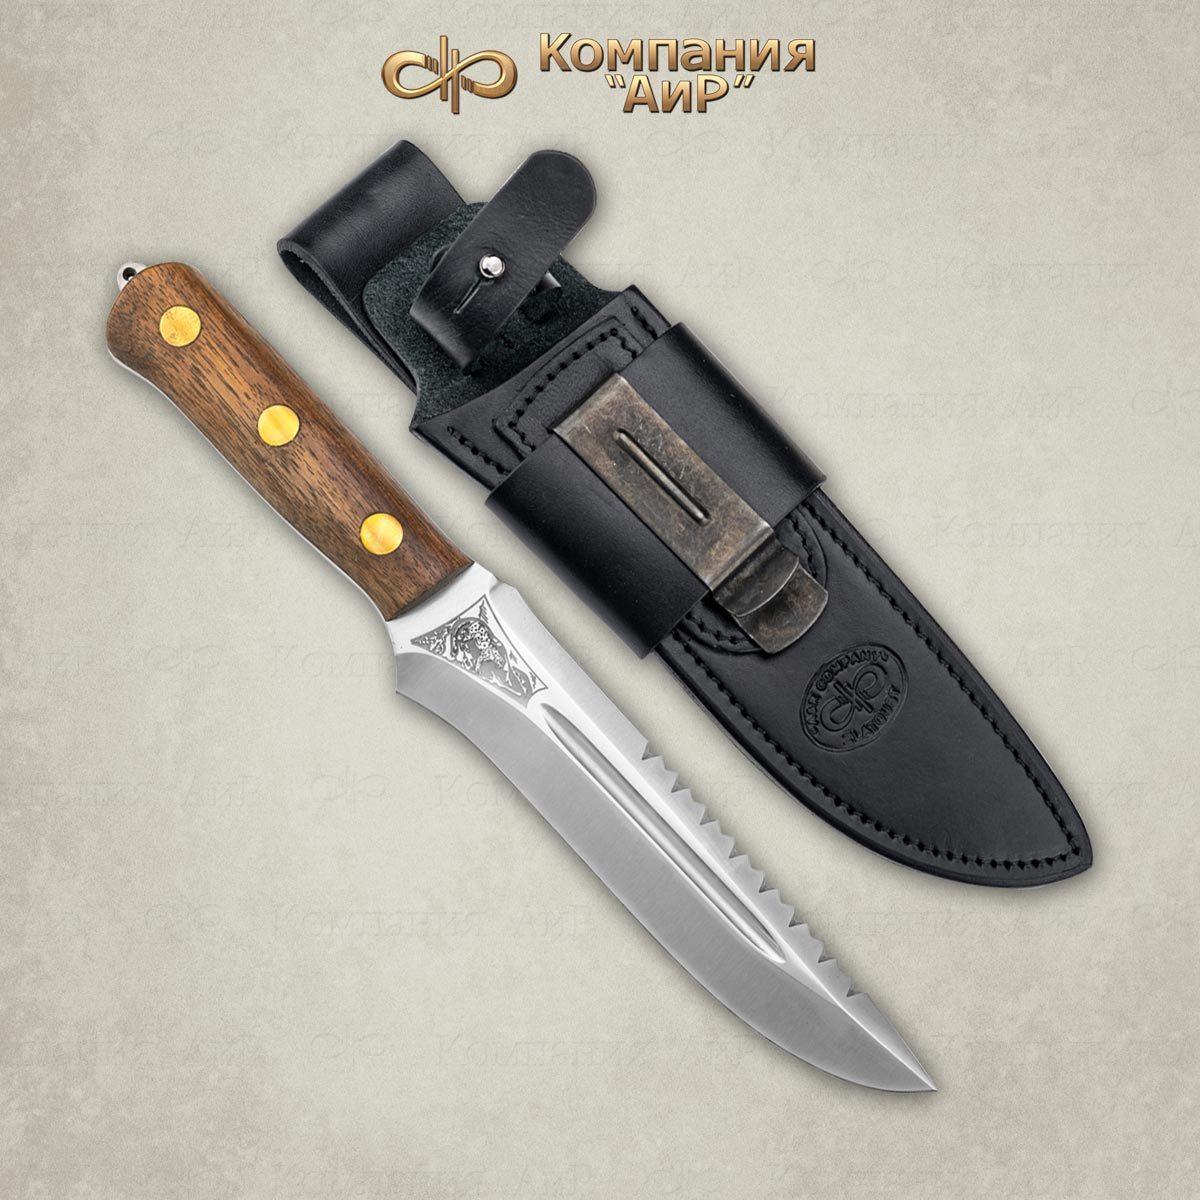 Нож разделочный АиР Ирбис ЦМ, сталь 100х13м, рукоять дерево нож разделочный стриж цм дерево 100х13м аир